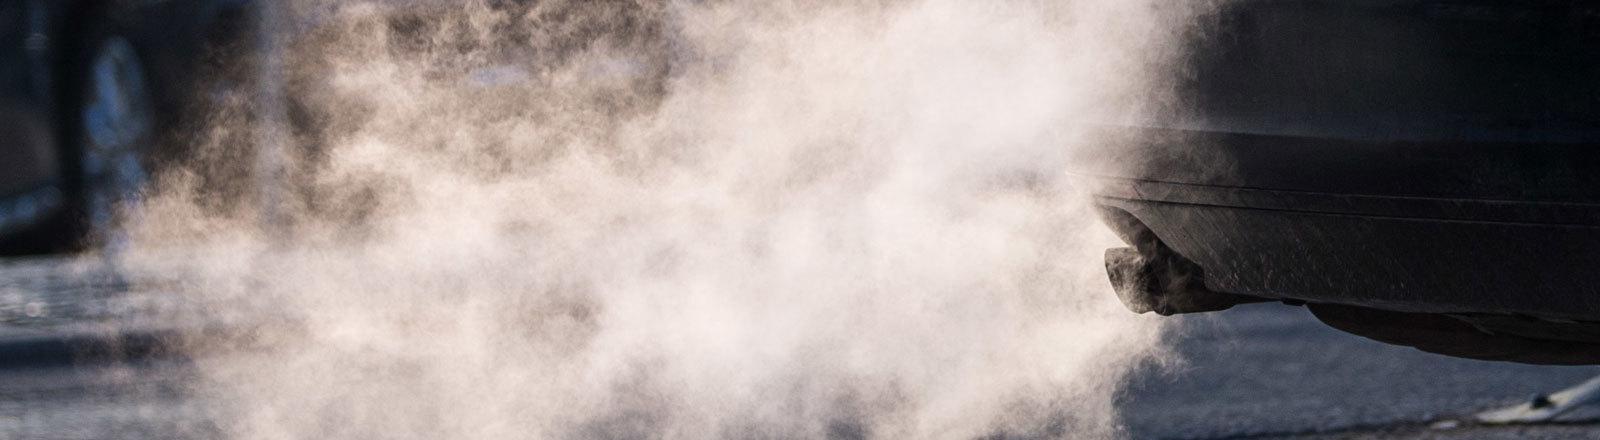 Auspuff pustet Abgase in die Luft